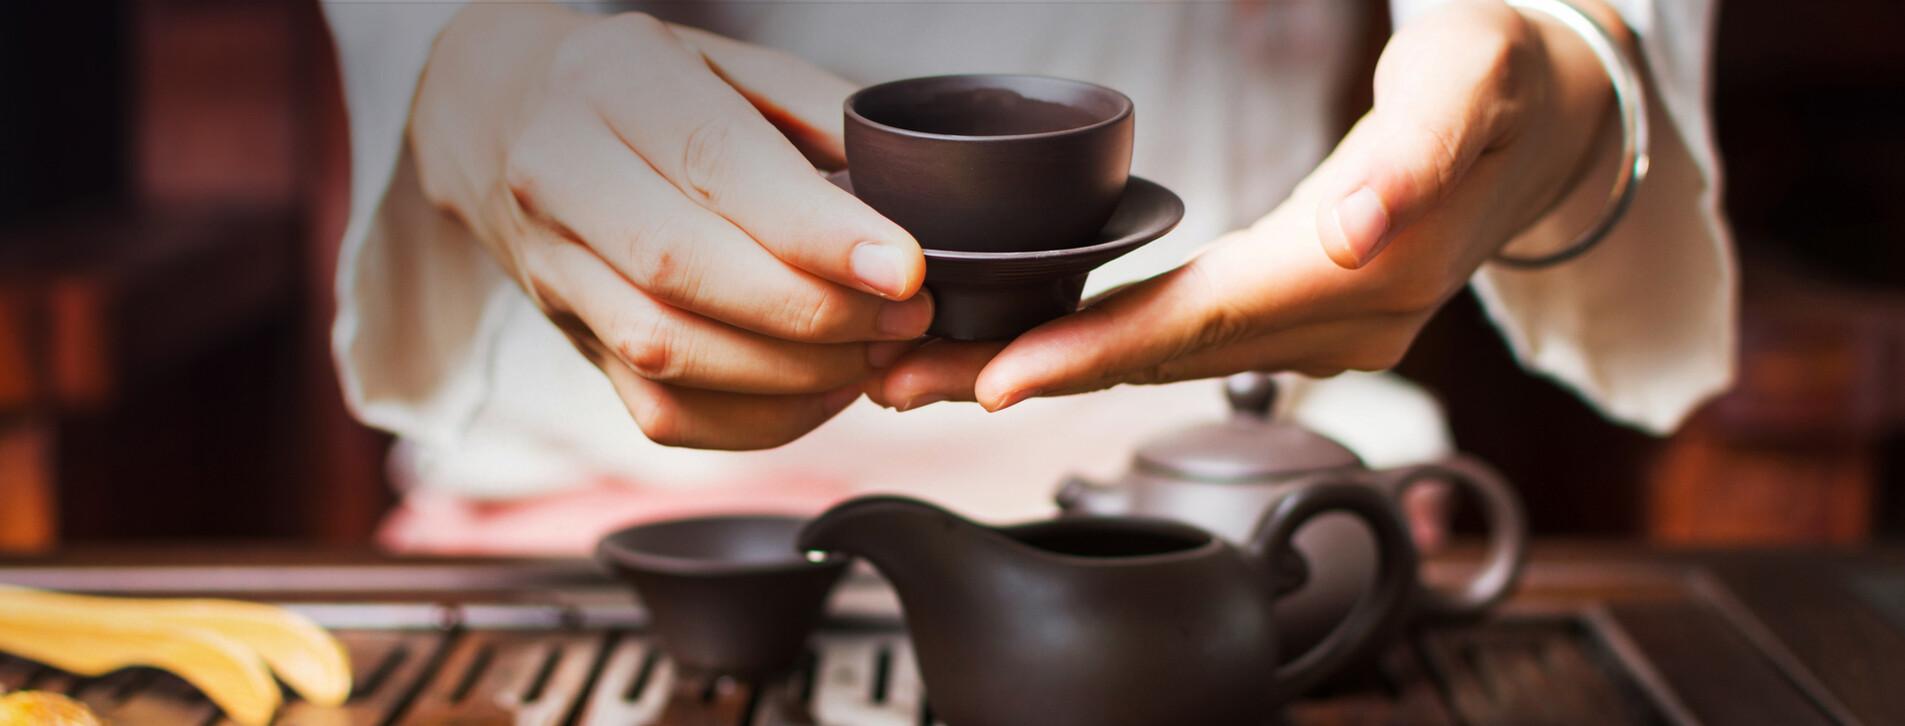 Фото 1 - Чайная церемония